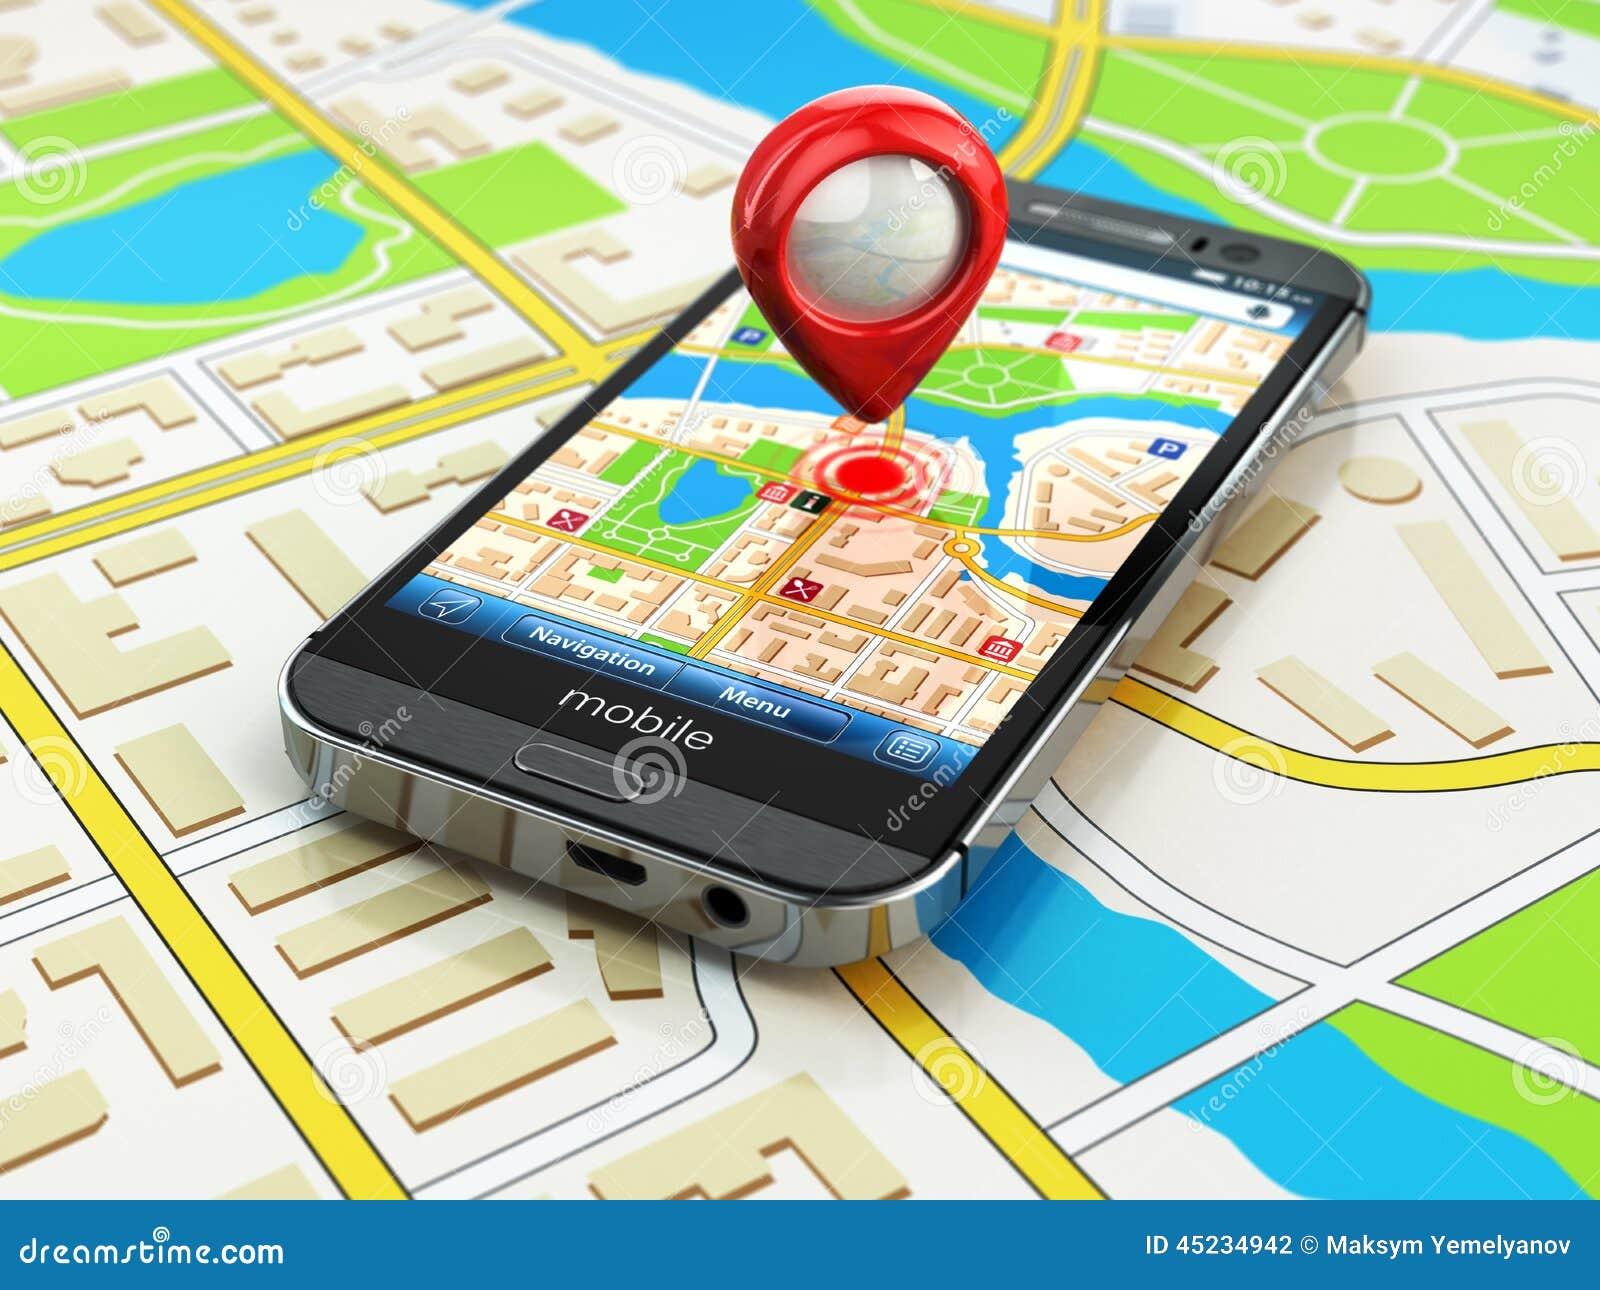 Как сделать фото с координатами на андроиде